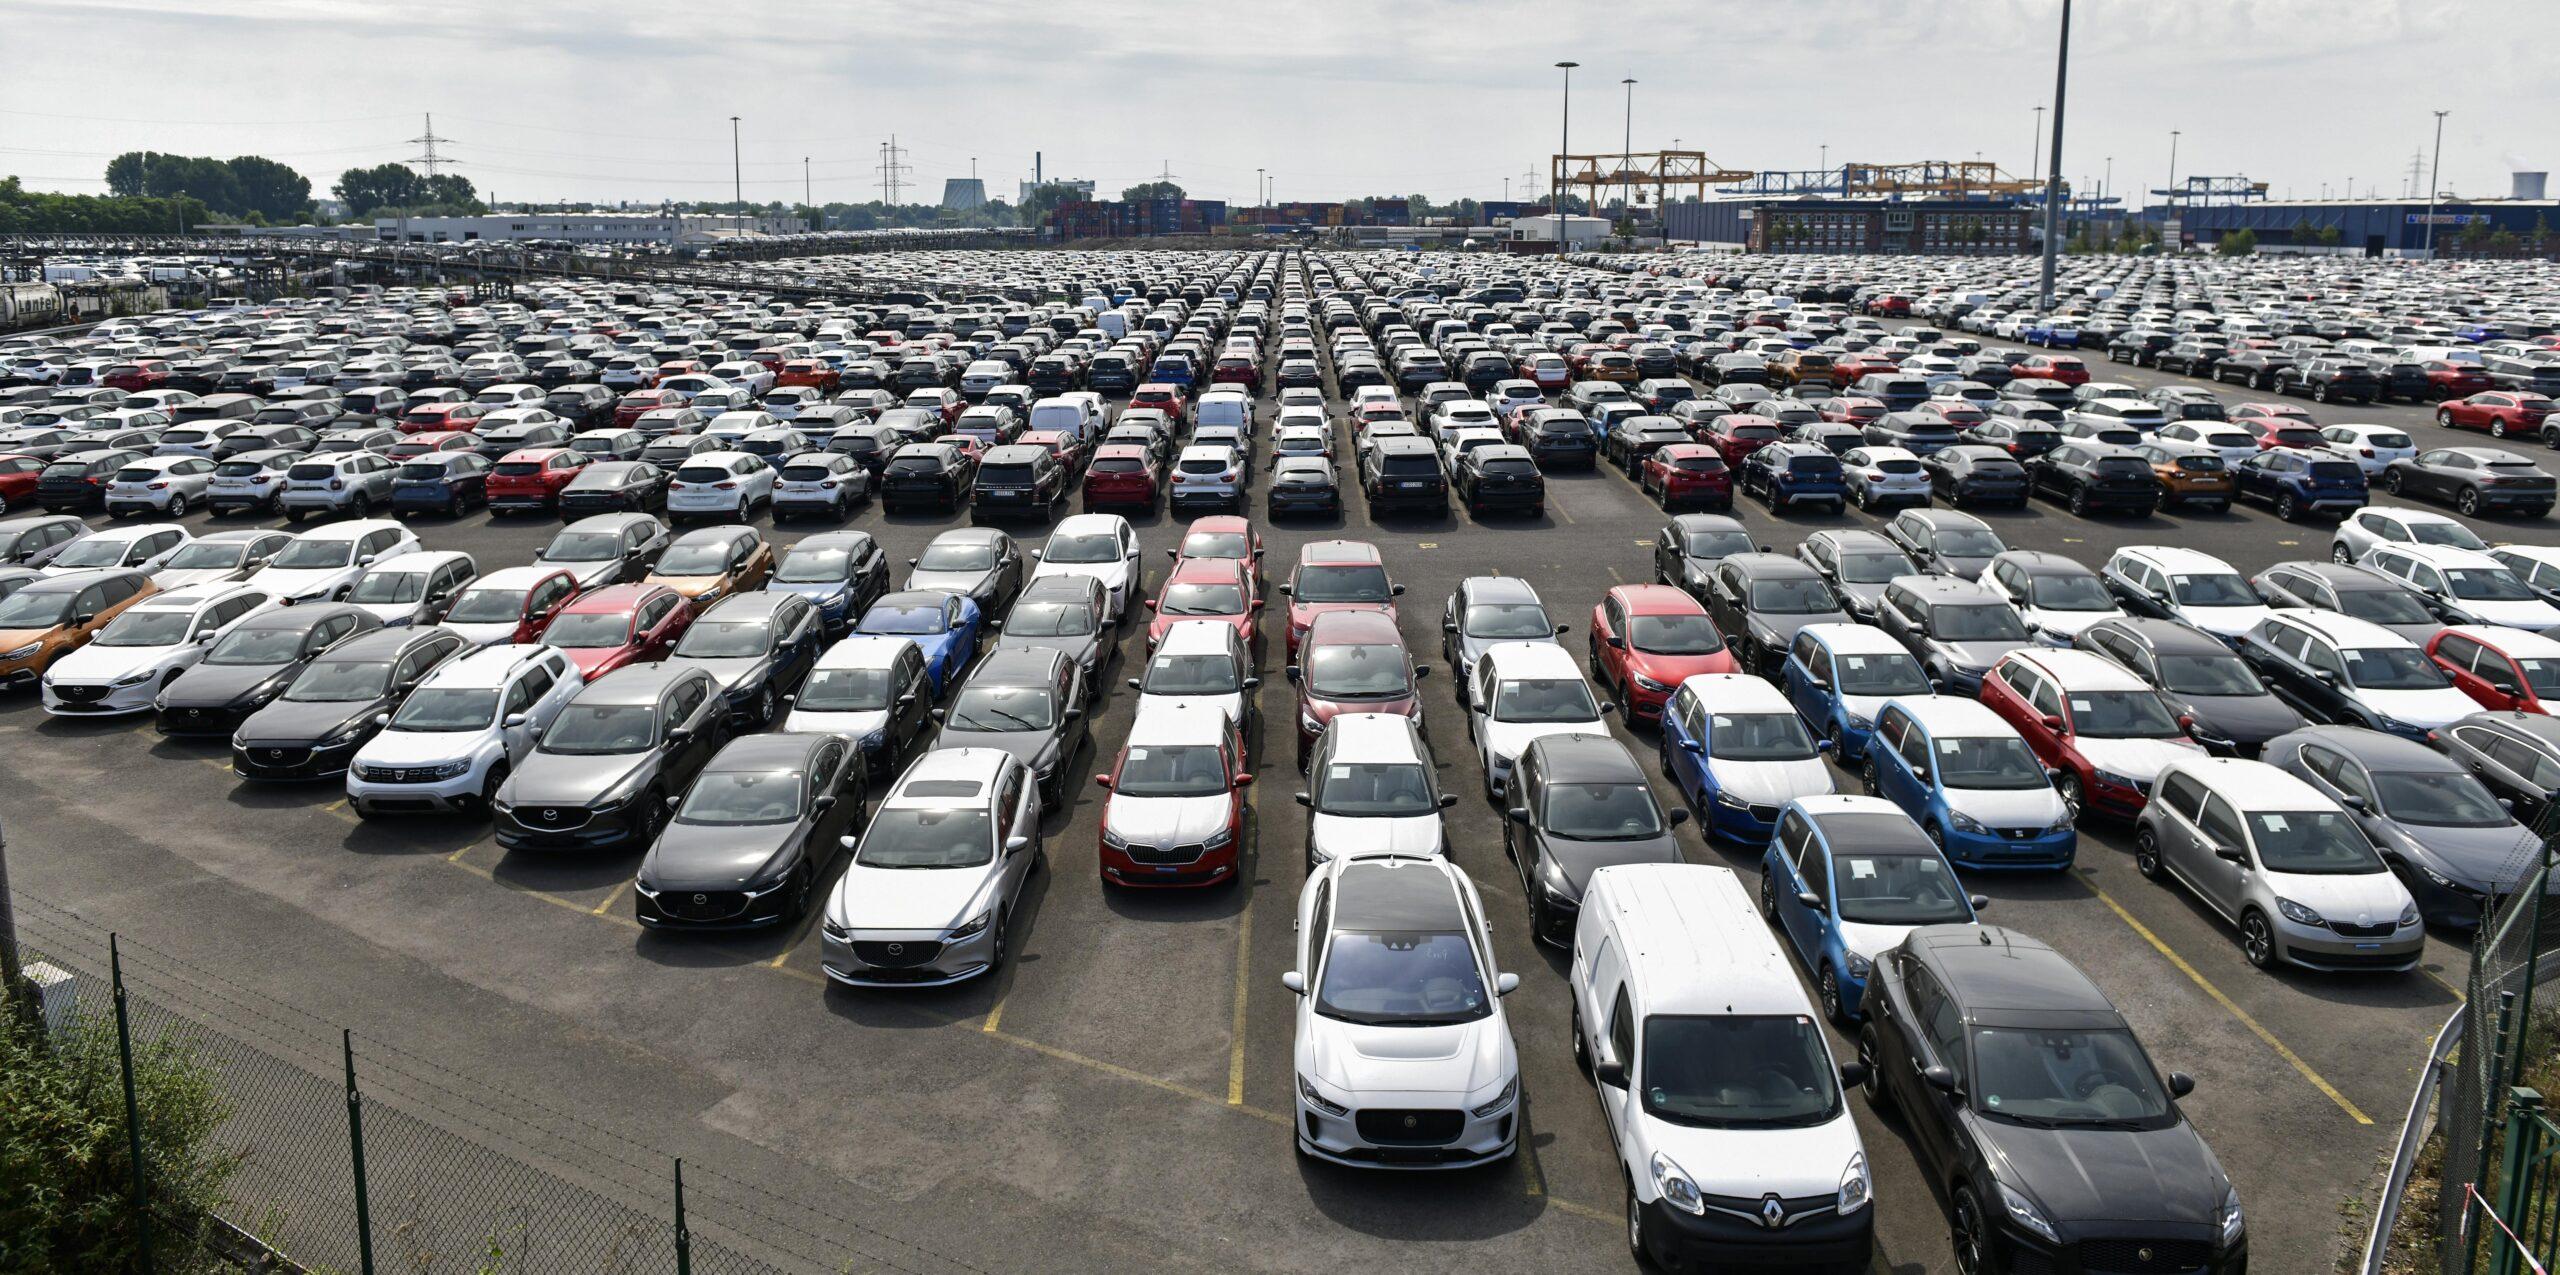 Perché in Tunisia il mercato dell'auto è tra i più cari al mondo